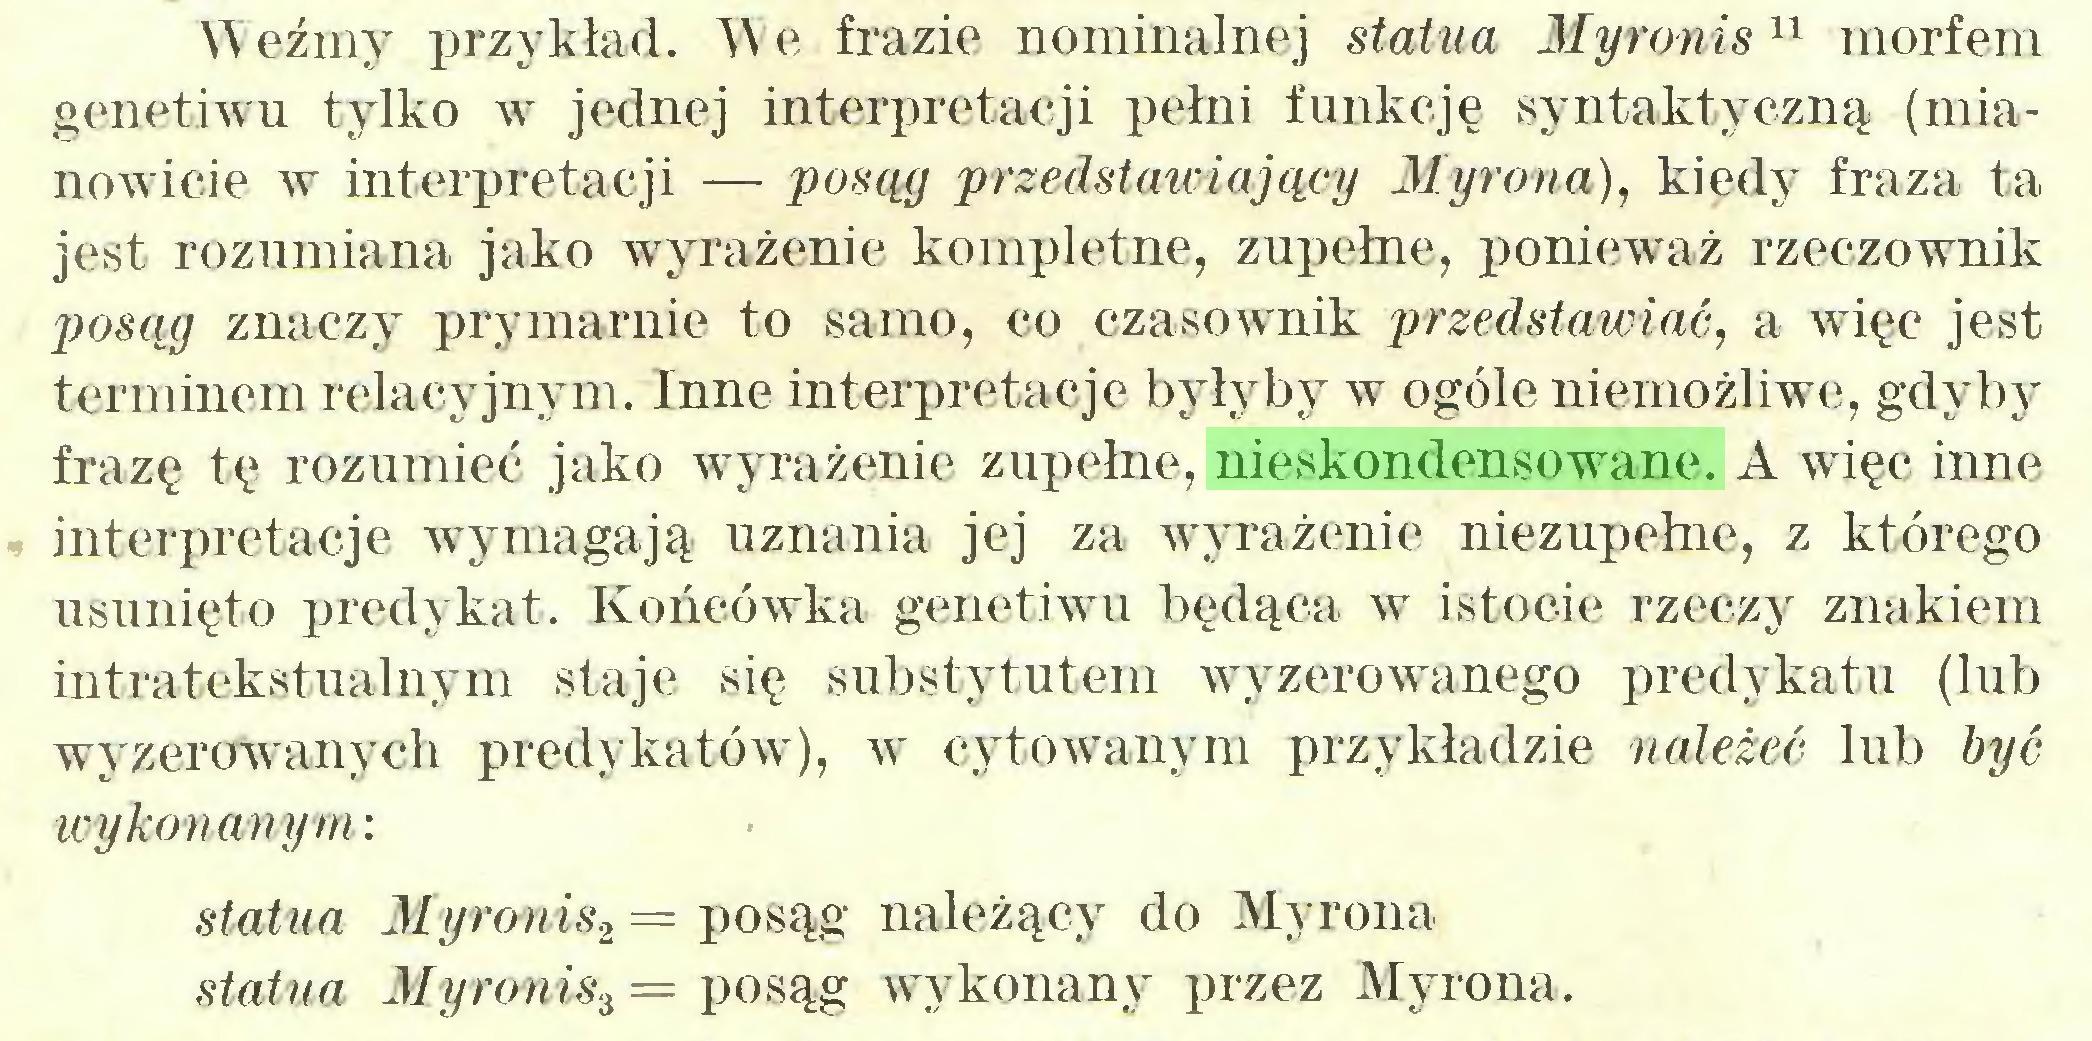 (...) Weźmy przykład. We frazie nominalnej statua Myronis11 morfem genetiwu tylko w jednej interpretacji pełni funkcję syntaktyczną (mianowicie w interpretacji — posąg przedstawiający Myrona), kiedy fraza ta jest rozumiana jako wyrażenie kompletne, zupełne, ponieważ rzeczownik posąg znaczy prymarnie to samo, co czasownik przedstawiać, a więc jest terminem relacyjnym. Inne interpretacje byłyby w ogóle niemożliwe, gdyby frazę tę rozumieć jako wyrażenie zupełne, nieskondensowane. A więc inne interpretacje wymagają uznania jej za wyrażenie niezupełne, z którego usunięto predykat. Końcówka genetiwu będąca w istocie rzeczy znakiem intratekstualnym staje się substytutem wyzerowanego predykatu (lub wyzerowanych predykatów), w cytowanym przykładzie należeć lub być wykonanym: statua Myronis2 = posąg należący do Myrona statua Myronis3 = posąg wykonany przez Myrona...